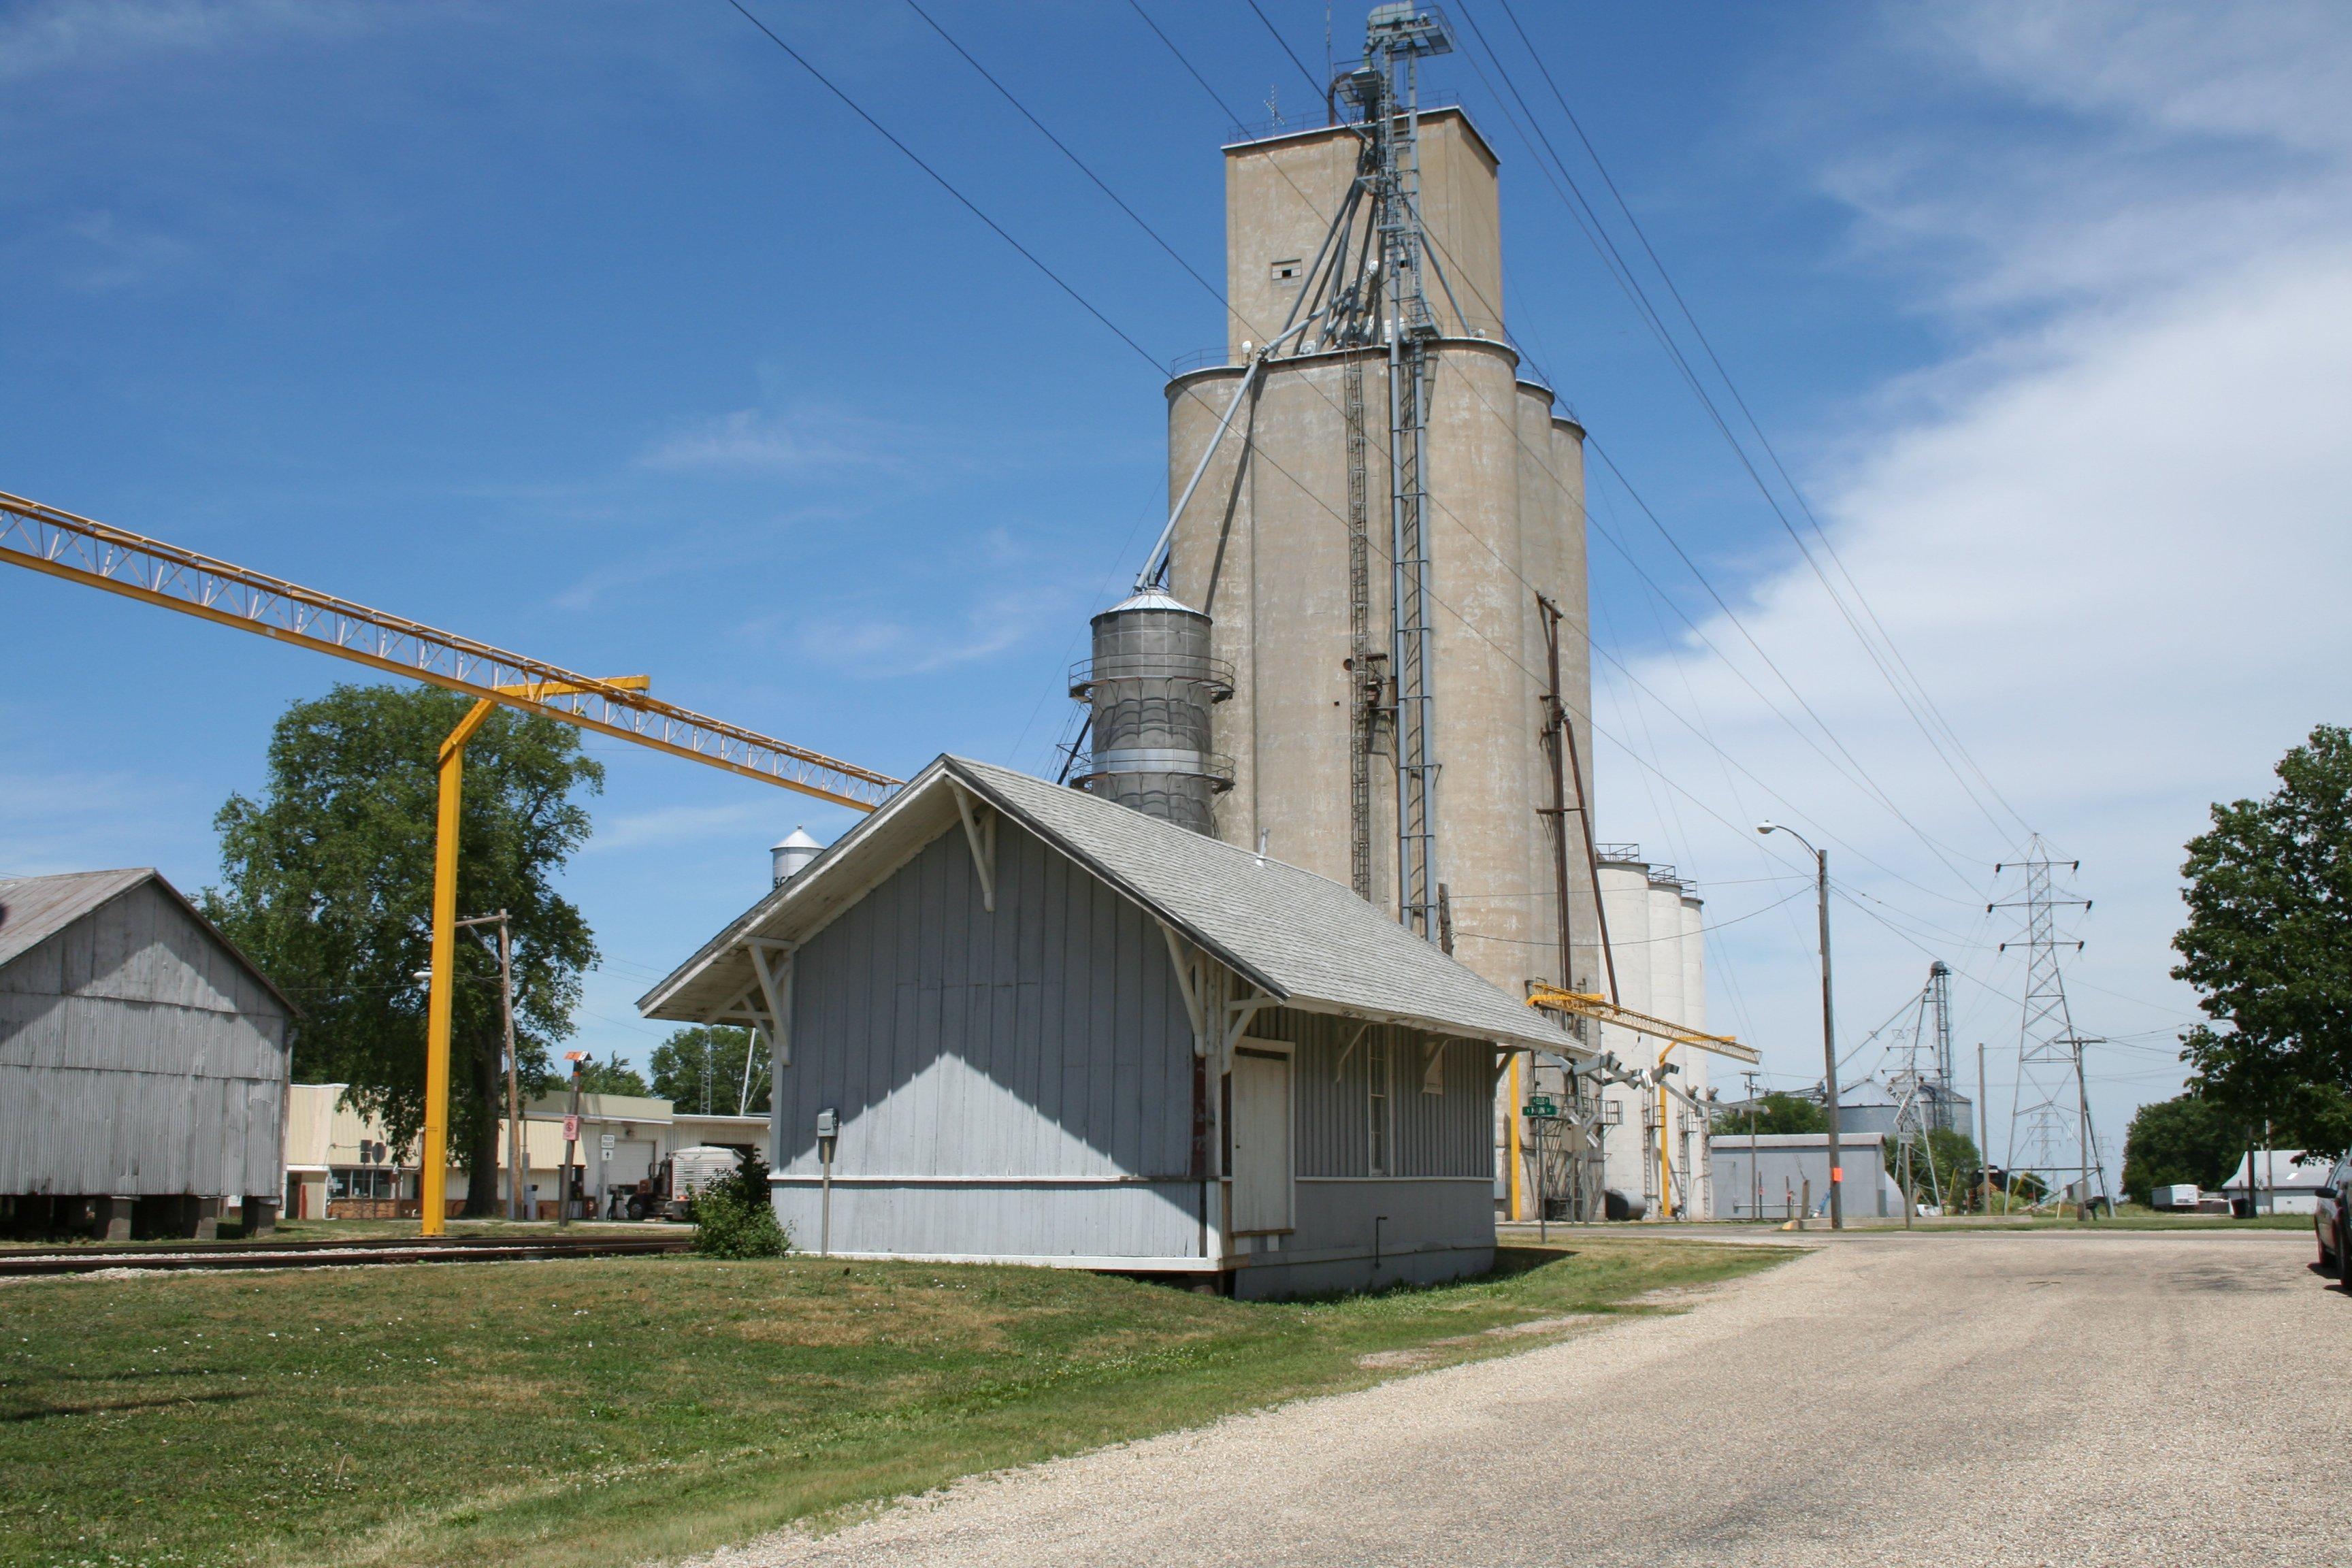 Illinois piatt county cisco - File Cisco Illinois Old Train Depot And Grain Elevator Jpg